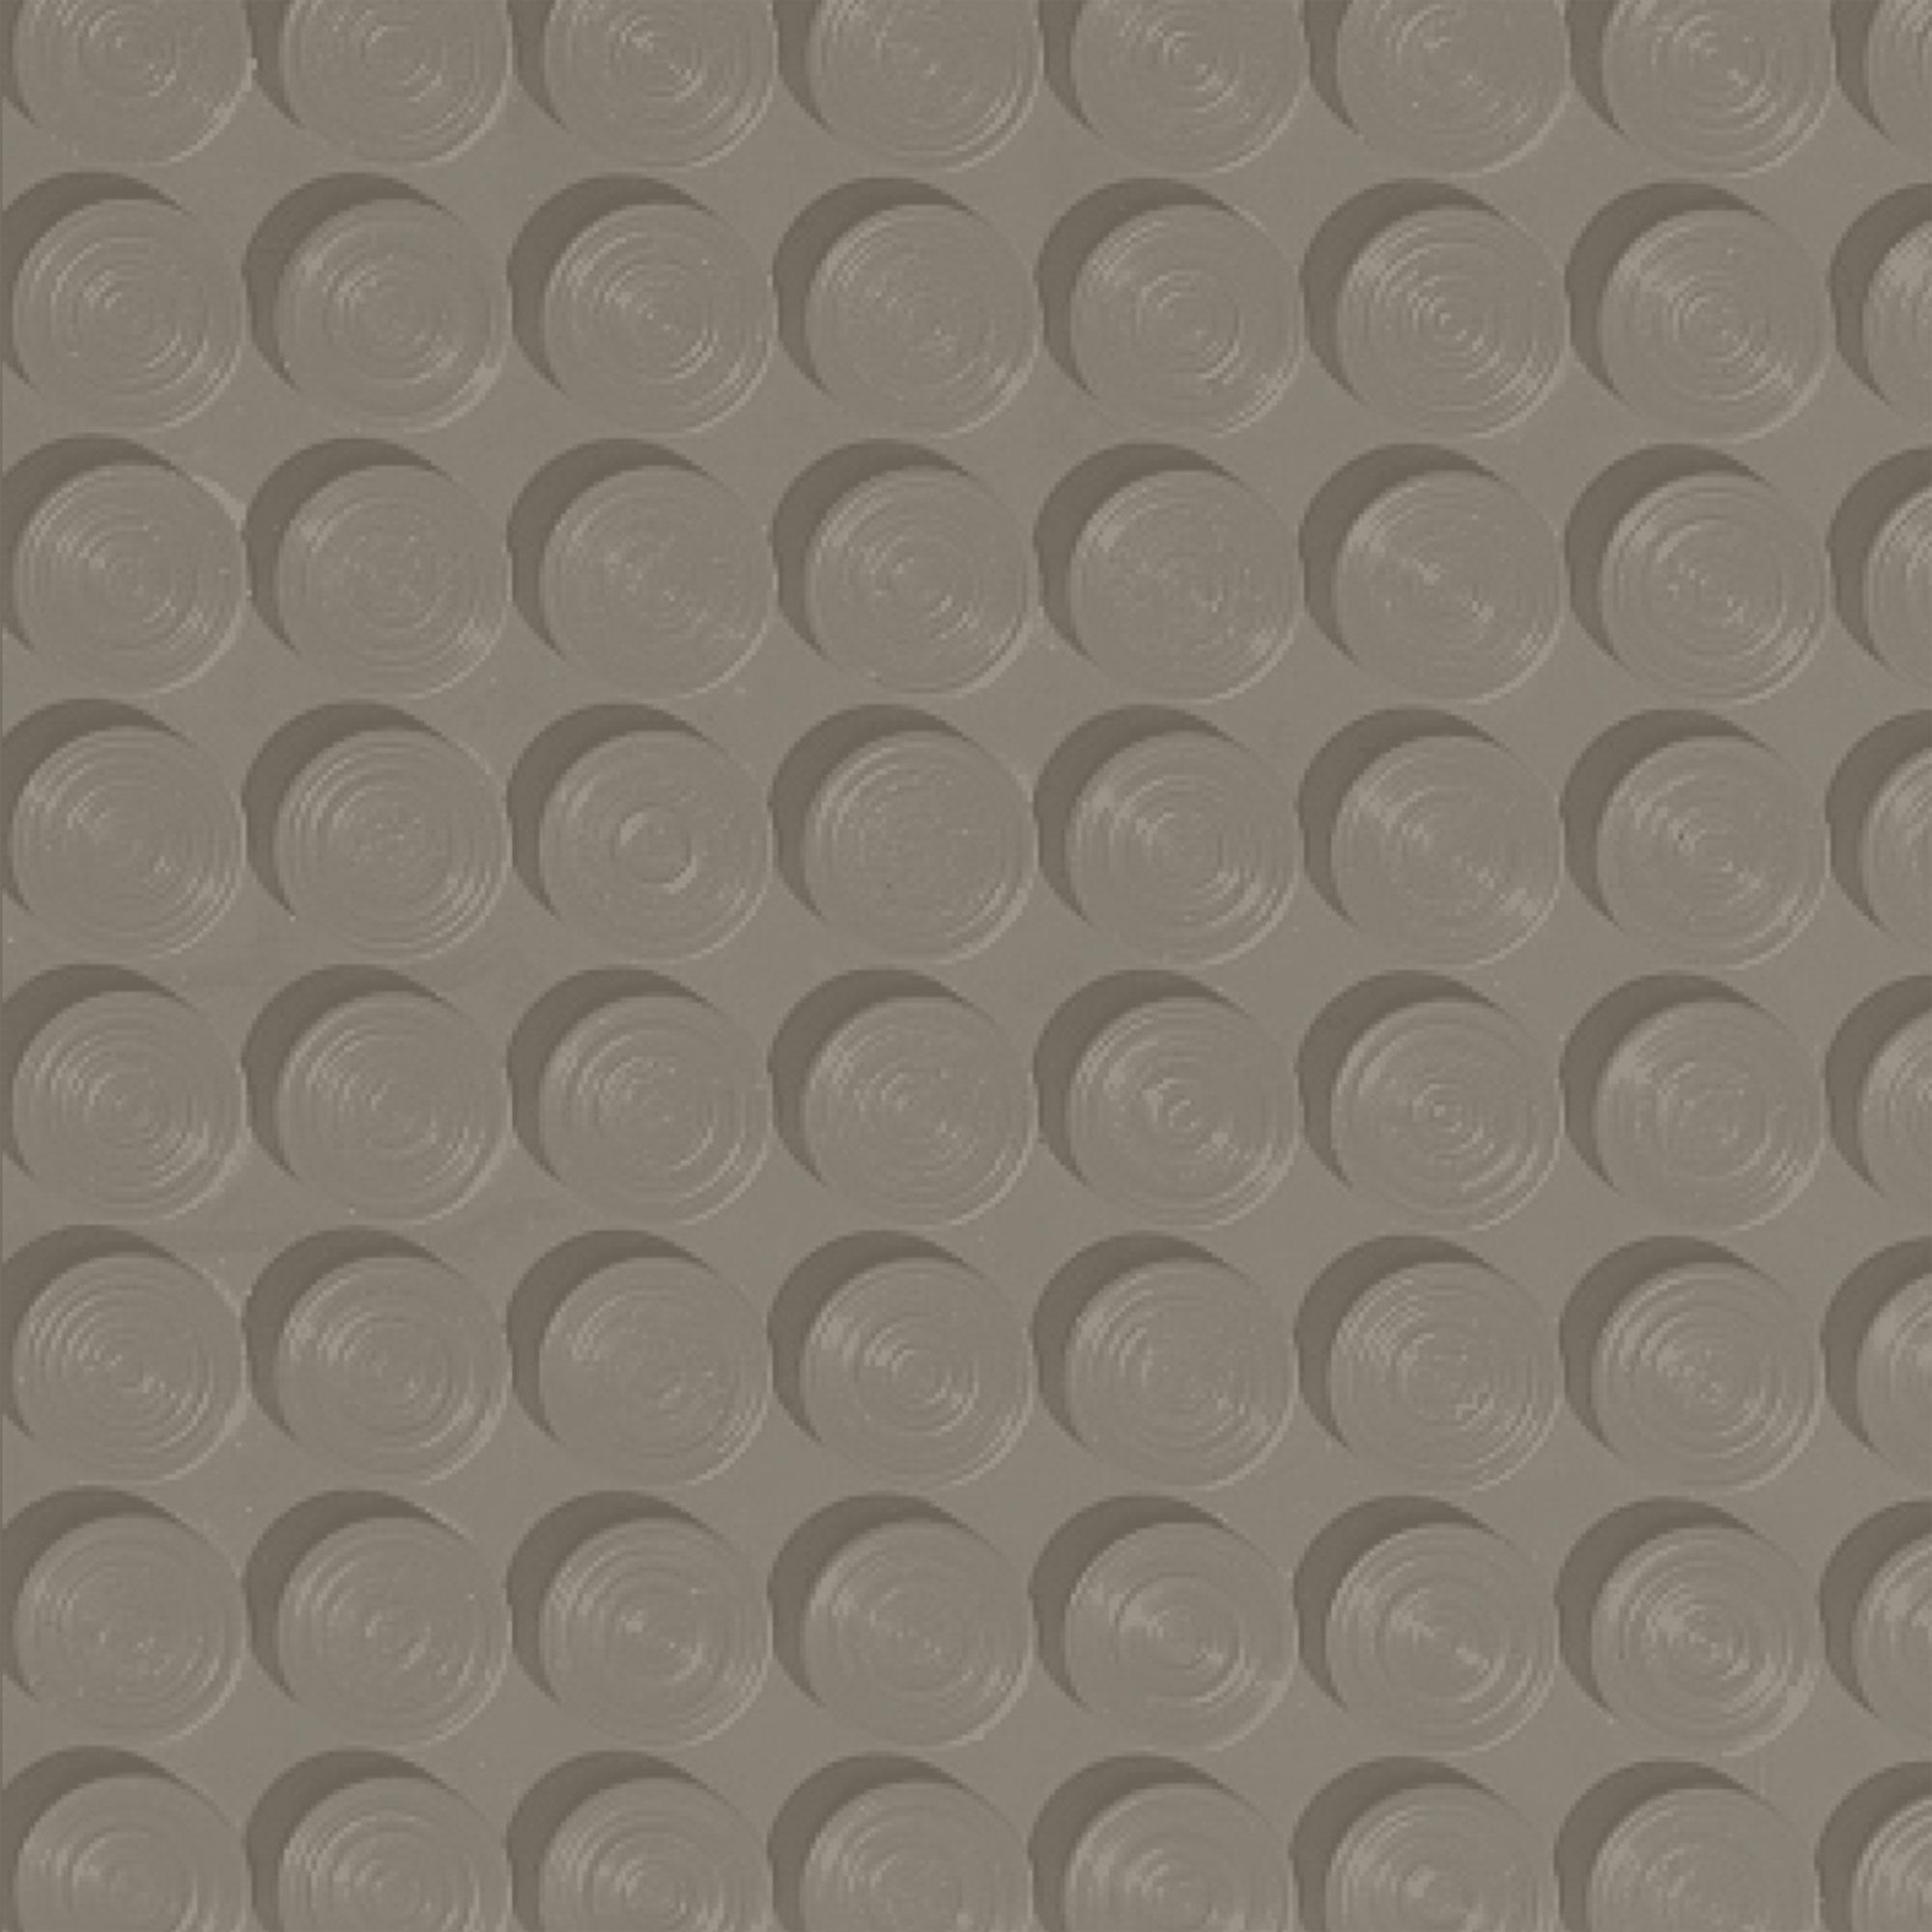 Roppe Rubber Tile 900 - Lug Back Vantage Design (LB996) Dolphin Rubber Flooring